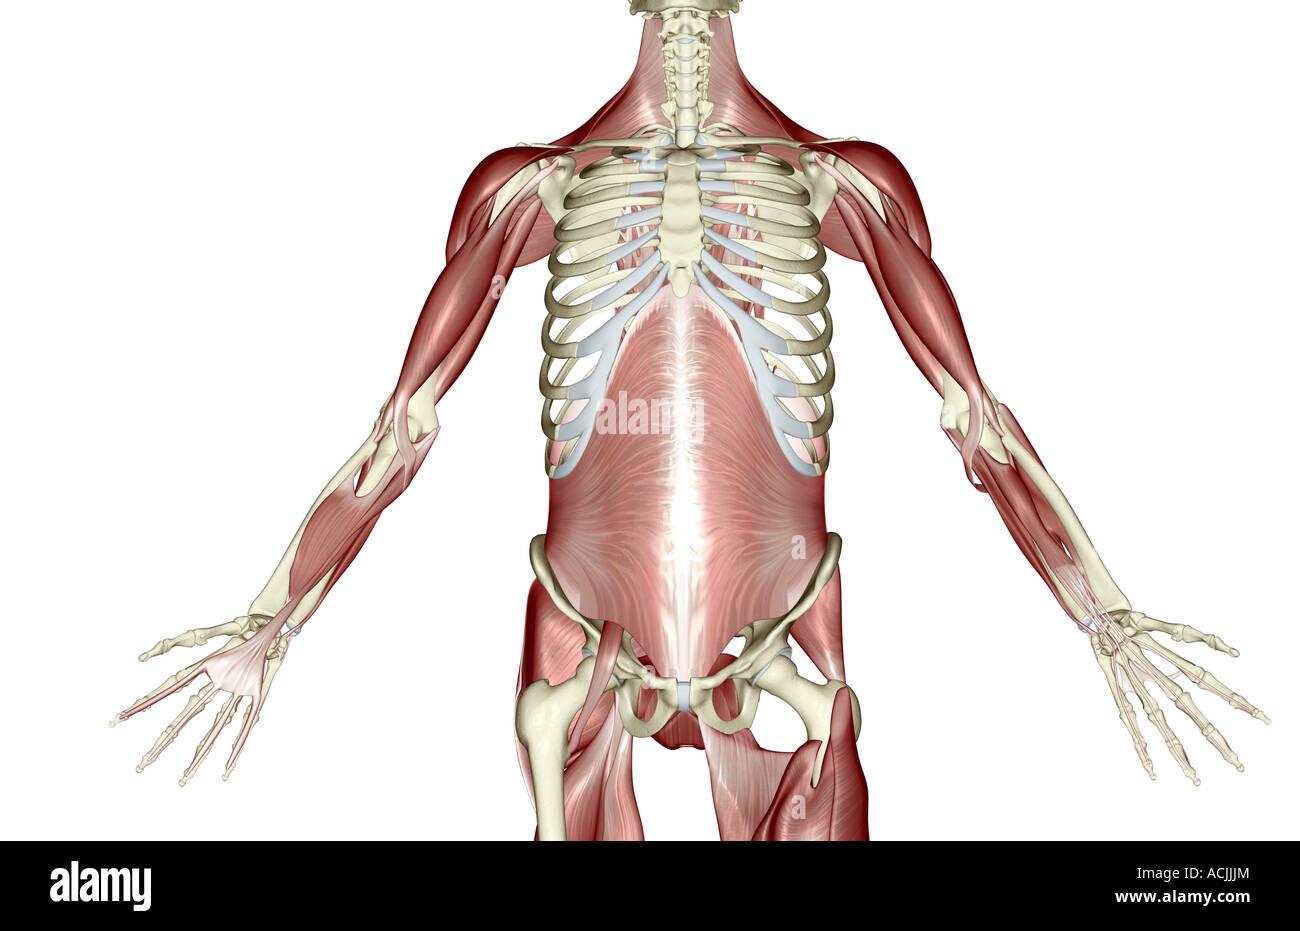 Wunderbar Obere Extremität Muskel Anatomie Zeitgenössisch - Anatomie ...